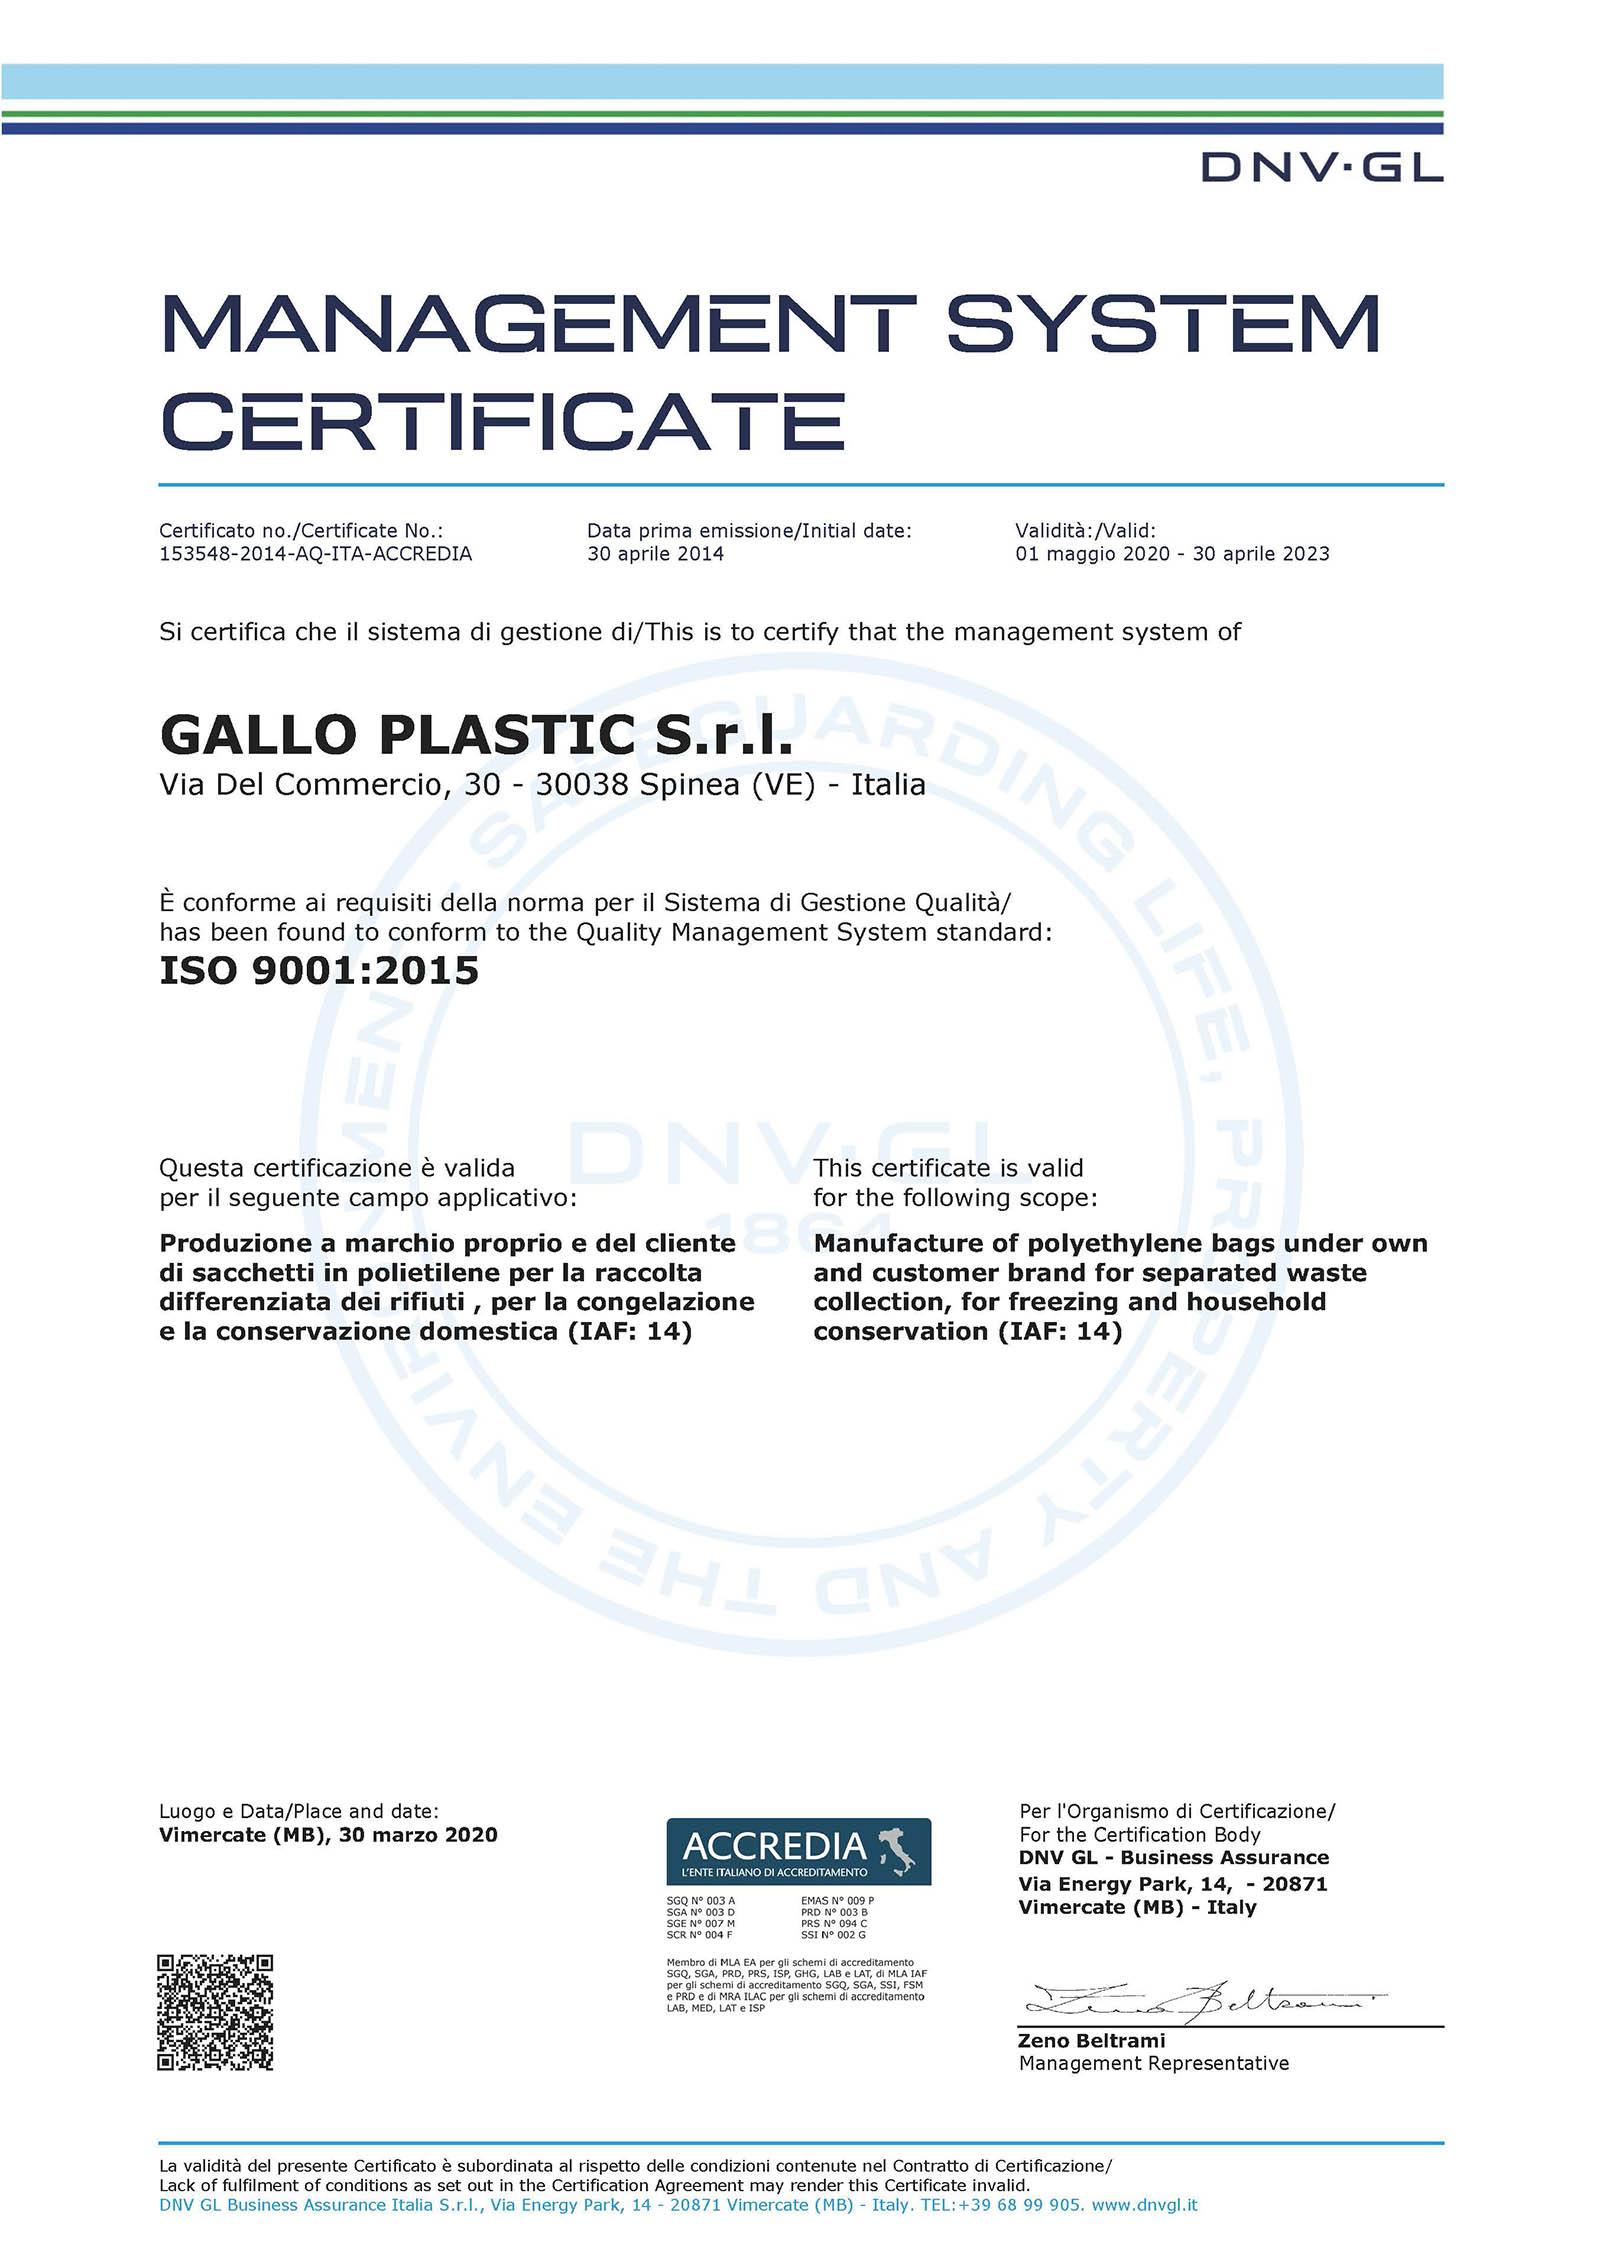 certificato1.jpg